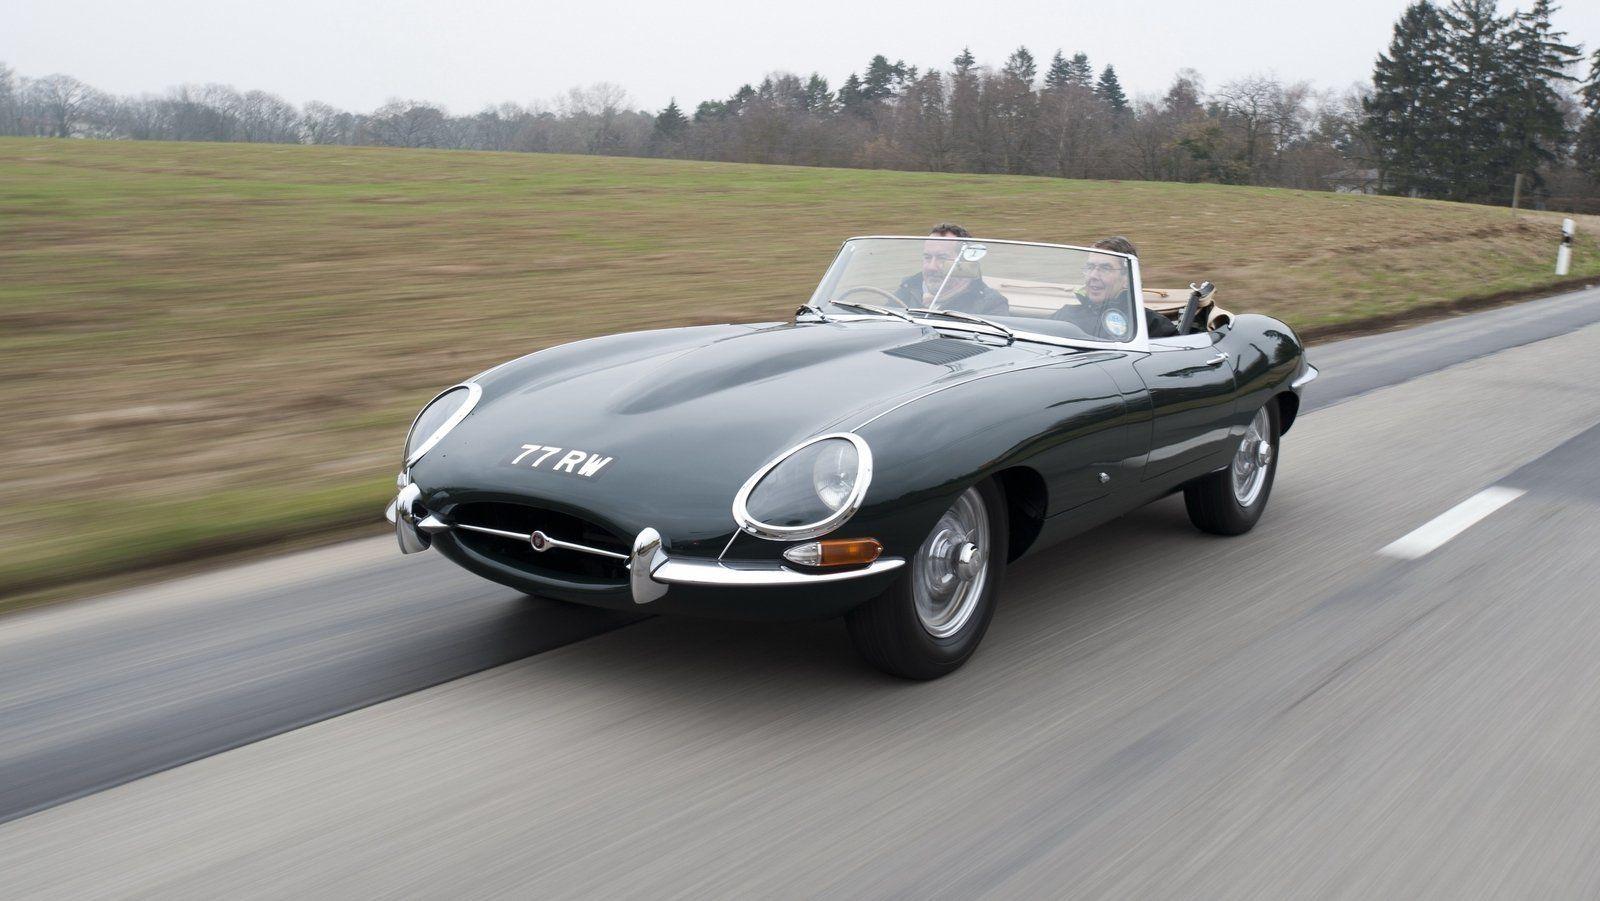 1961 1968 Jaguar E Type Pictures Photos Wallpapers And Videos Top Speed Jaguar E Type Jaguar E Classic Cars